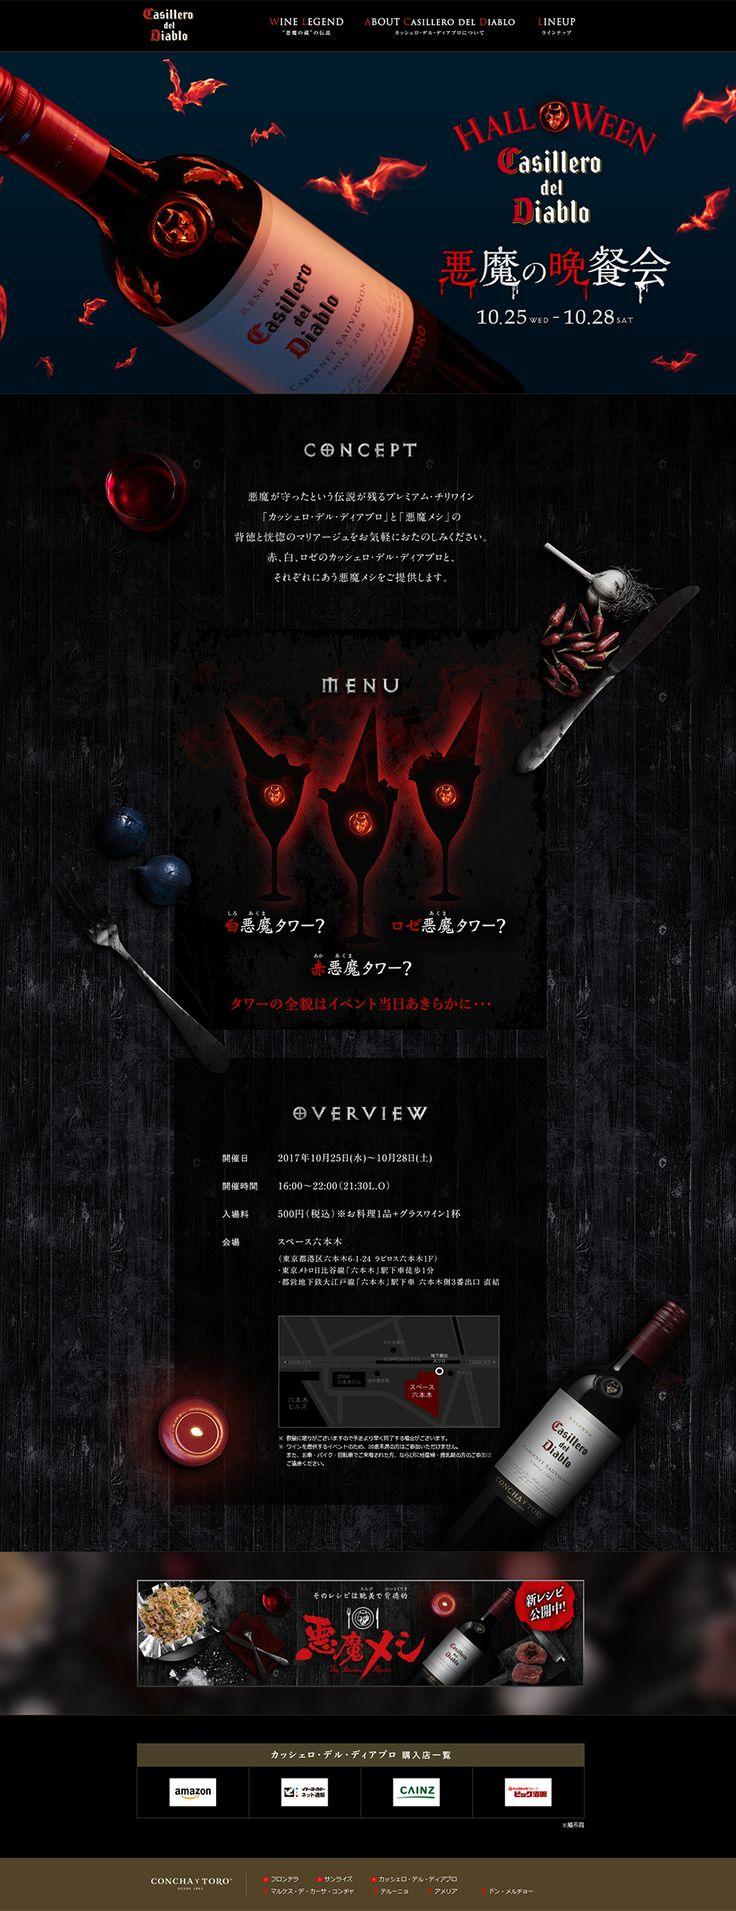 KIRIN様の「悪魔の晩餐会」のランディングページ(LP)かっこいい系|ワイン・スパークリングワイン・シャンパン